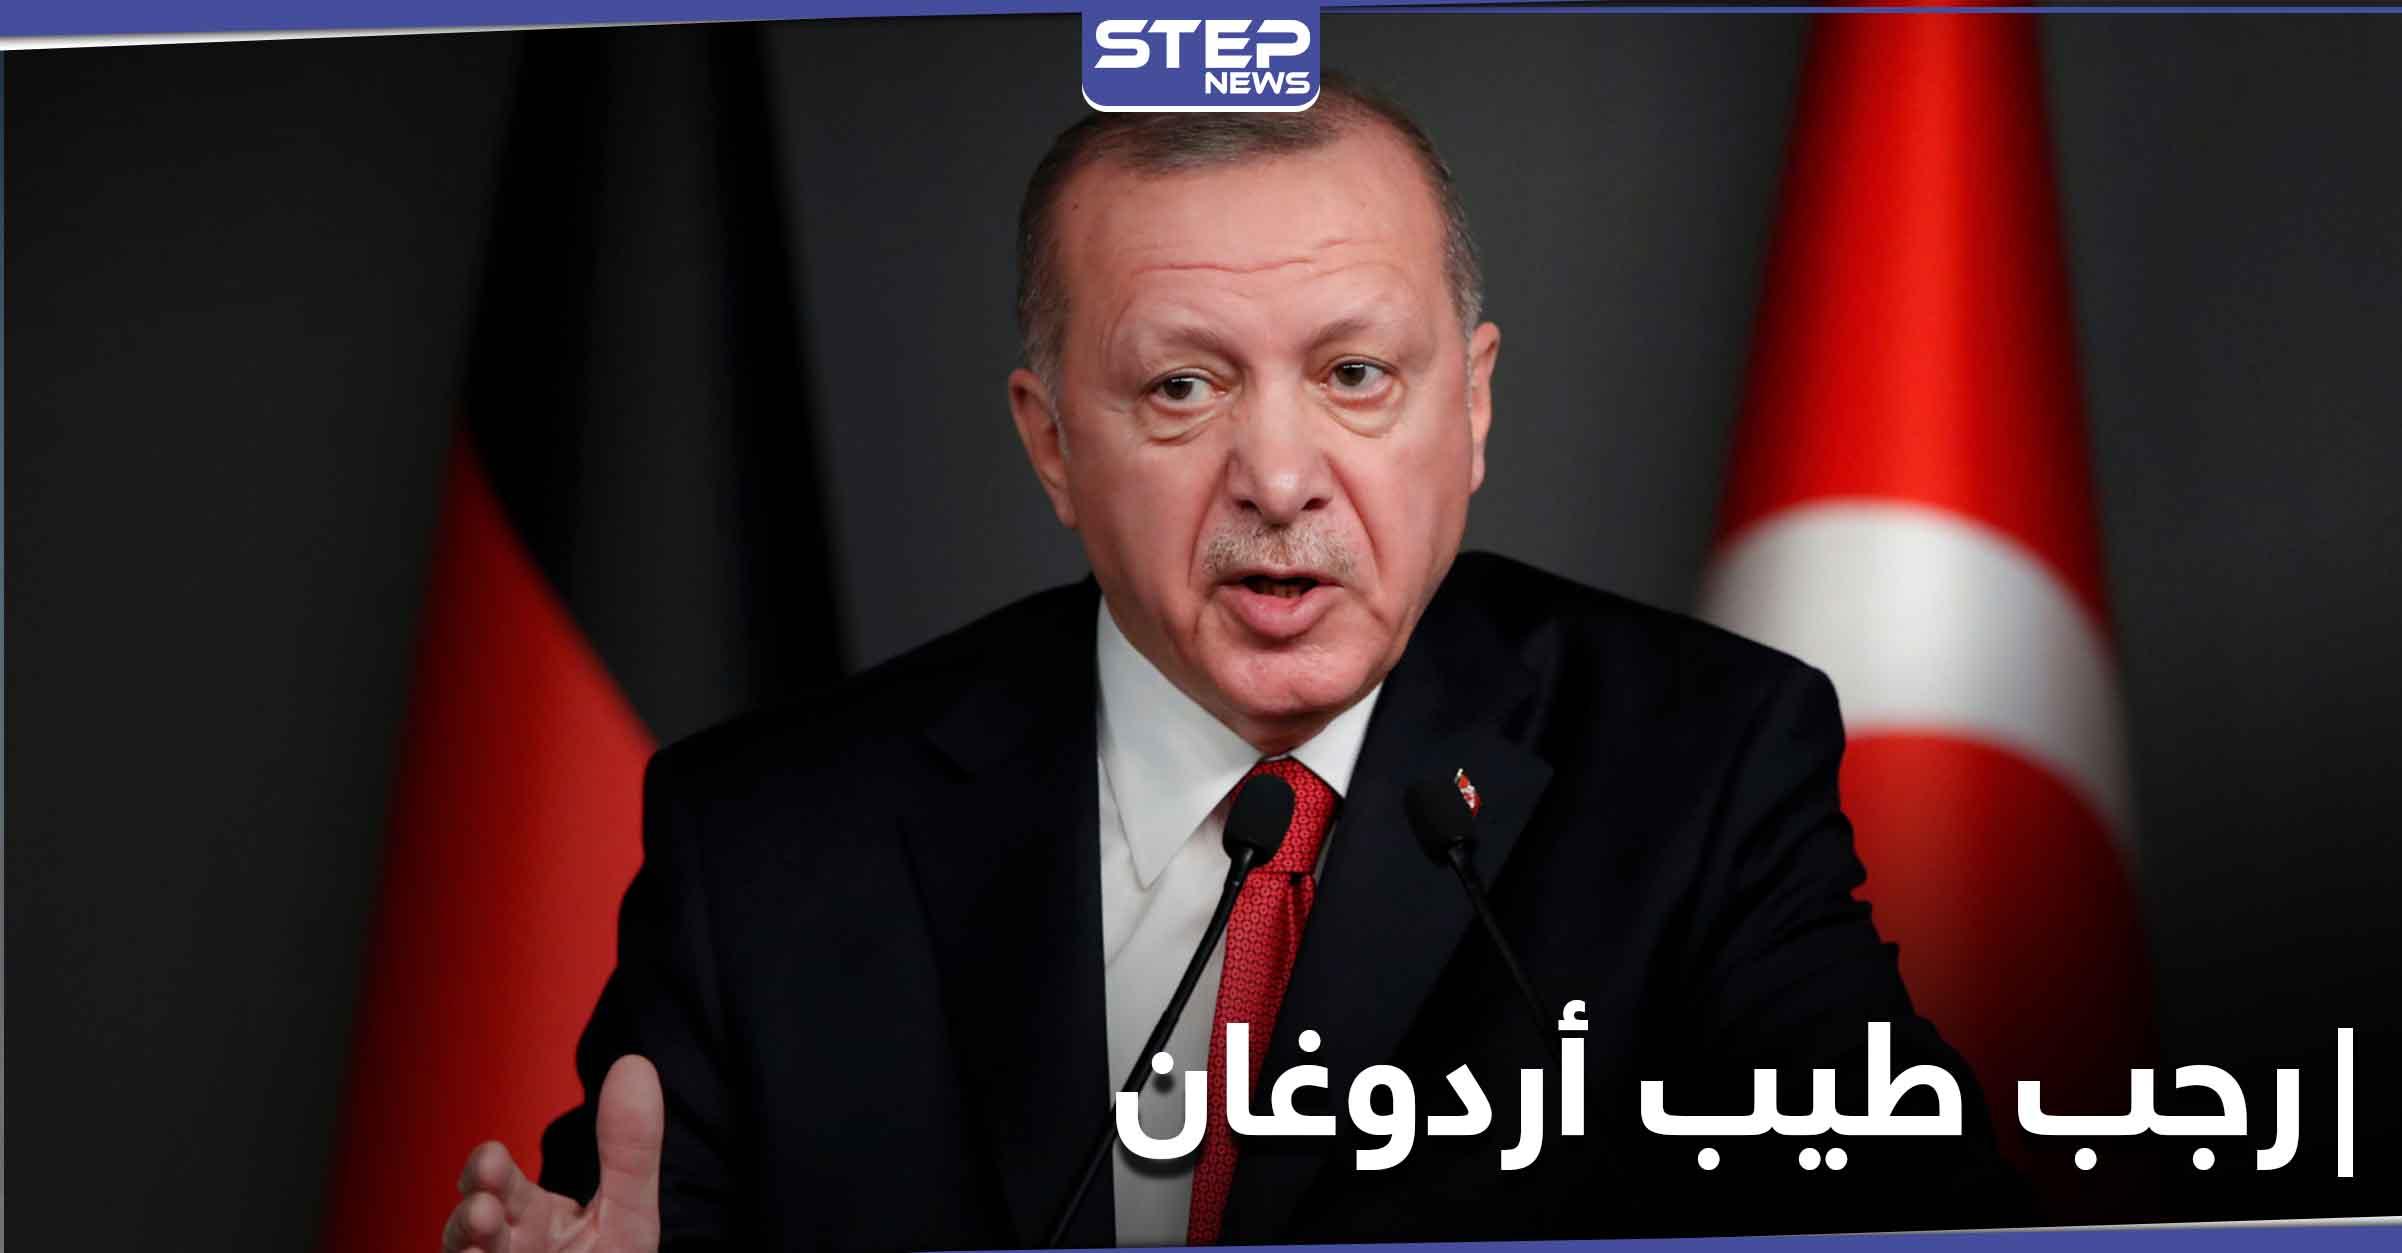 """أردوغان يهاجم الرئيس الفرنسي و يدعو للتخلص من عدة أنظمة """"مارقة"""" بينها نظام الأسد"""